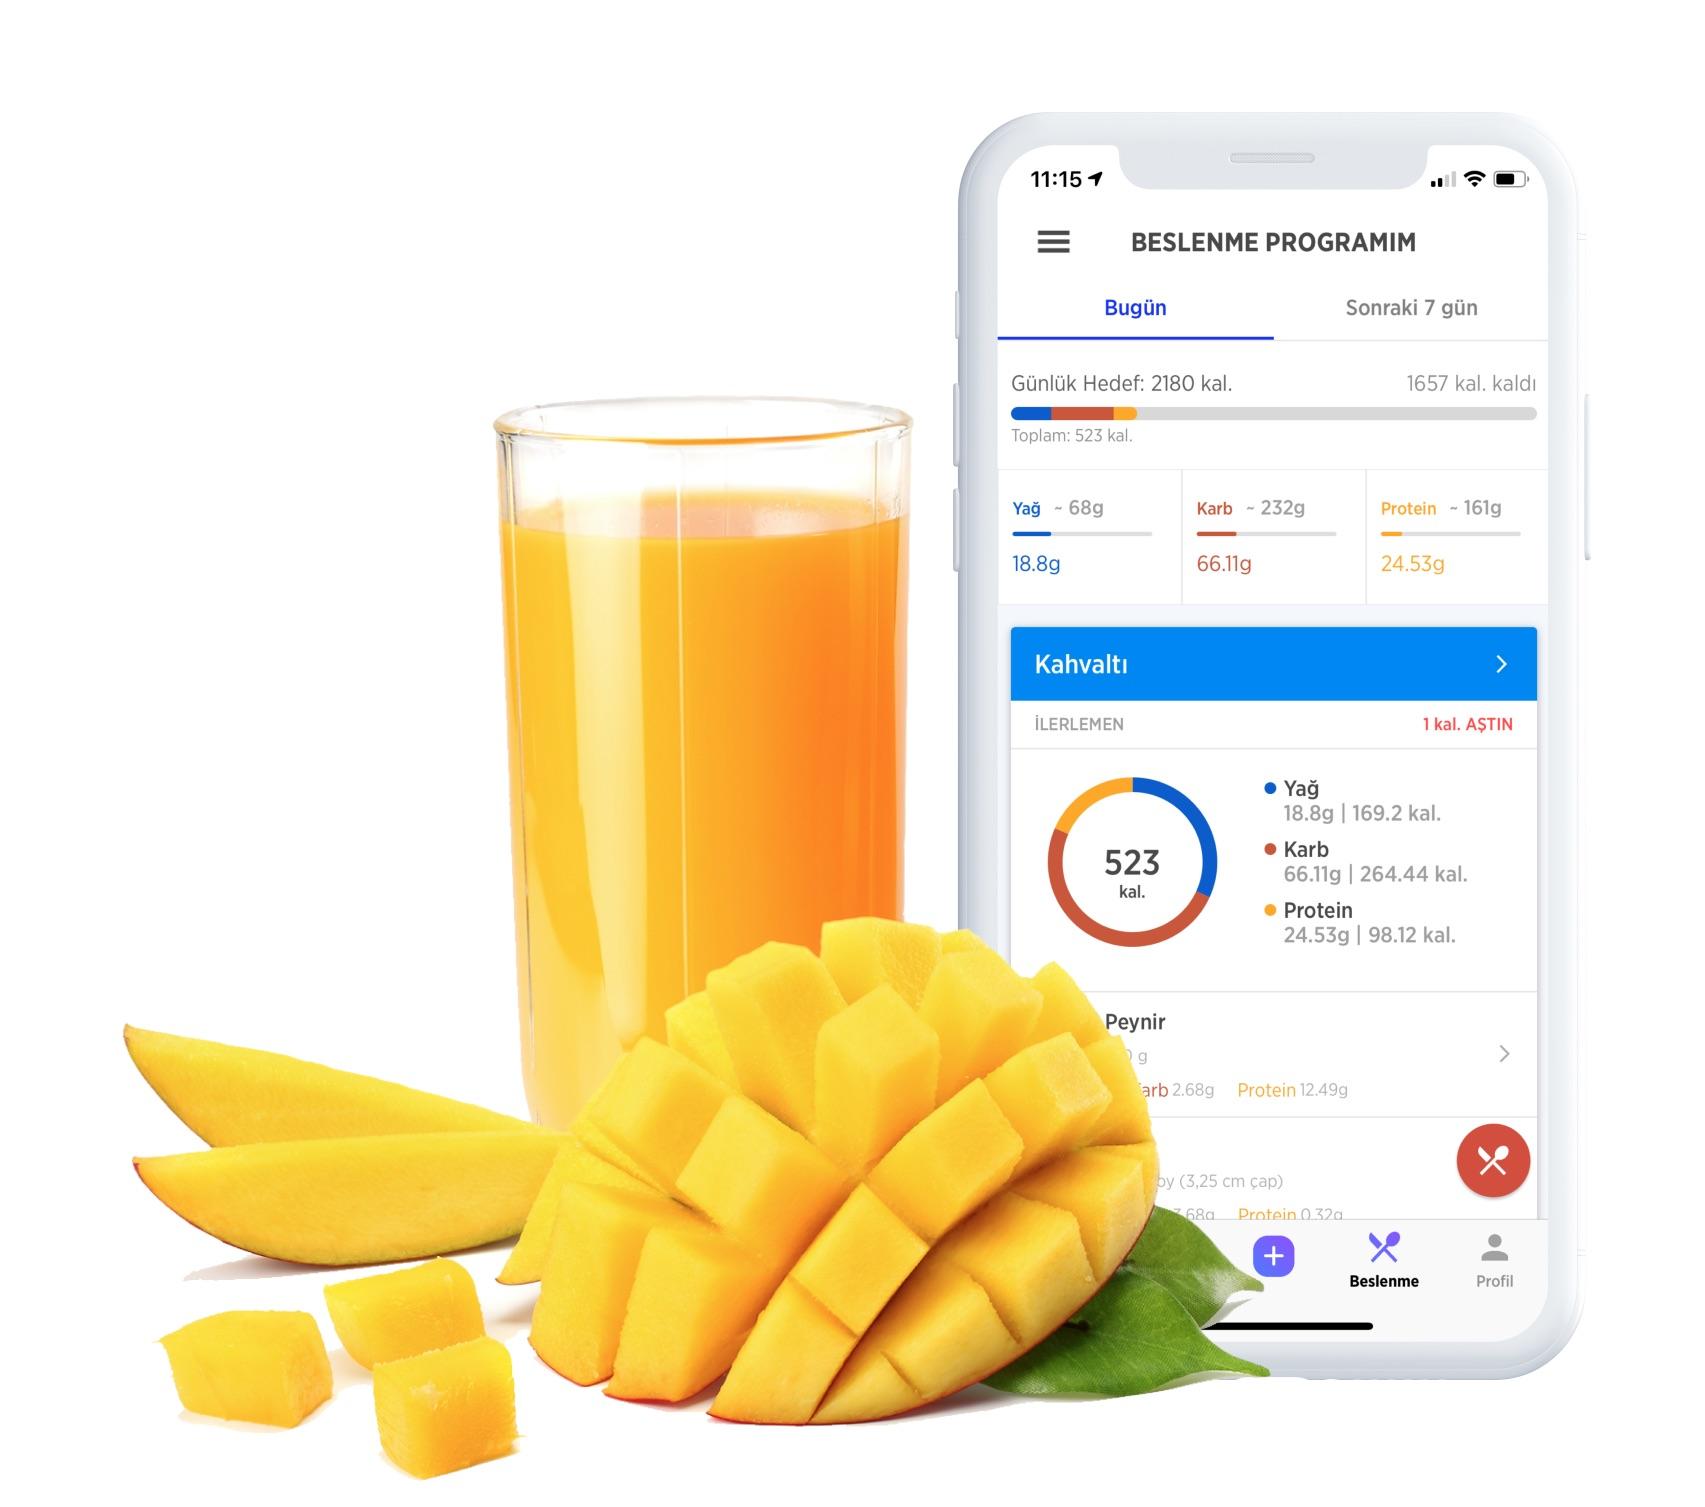 Temiz Beslen - Fitwell sana her hafta sevdiğin yemeklerden yapılmış bir menü hazırlar. Yediklerini kaydederek kalorilerini takip edebilir, sağlıklı beslenebilirsin. Fitwell sana yardımcı olacak!